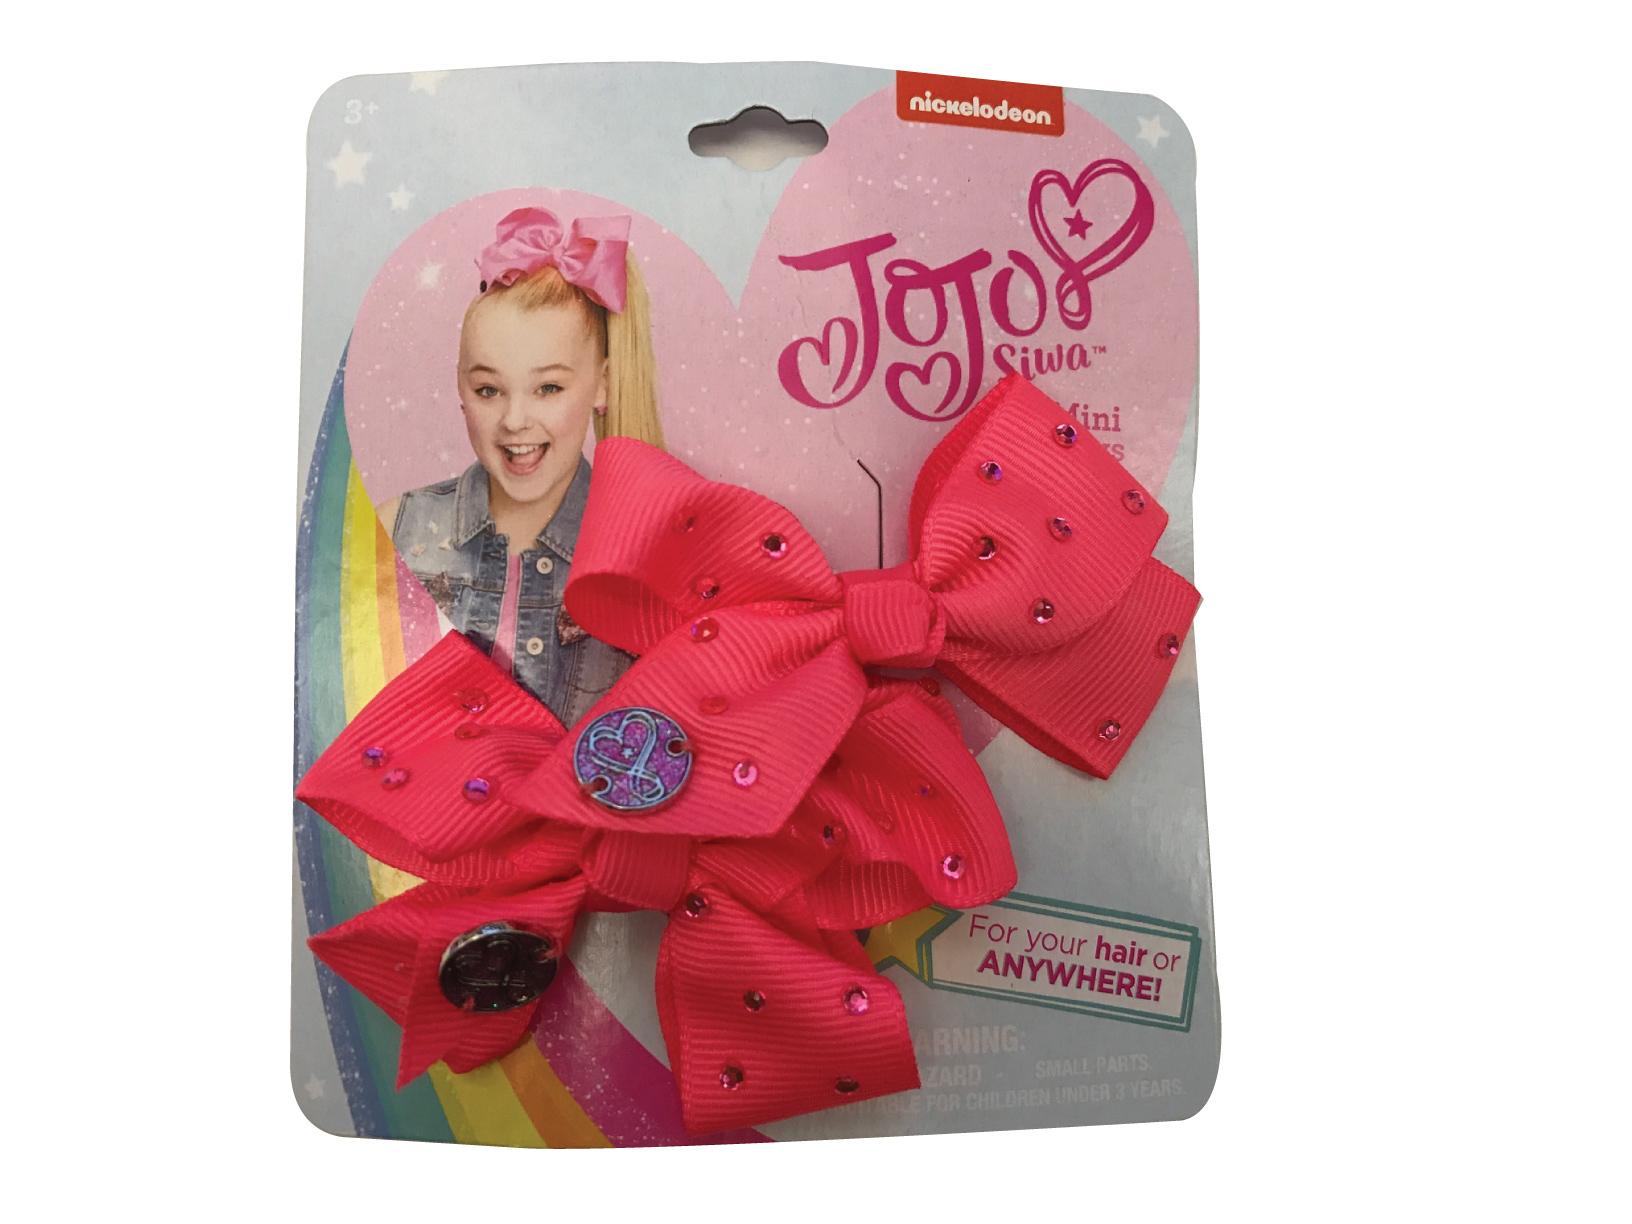 JoJo Siwa Small Hair Bow Set (Coral Pink)